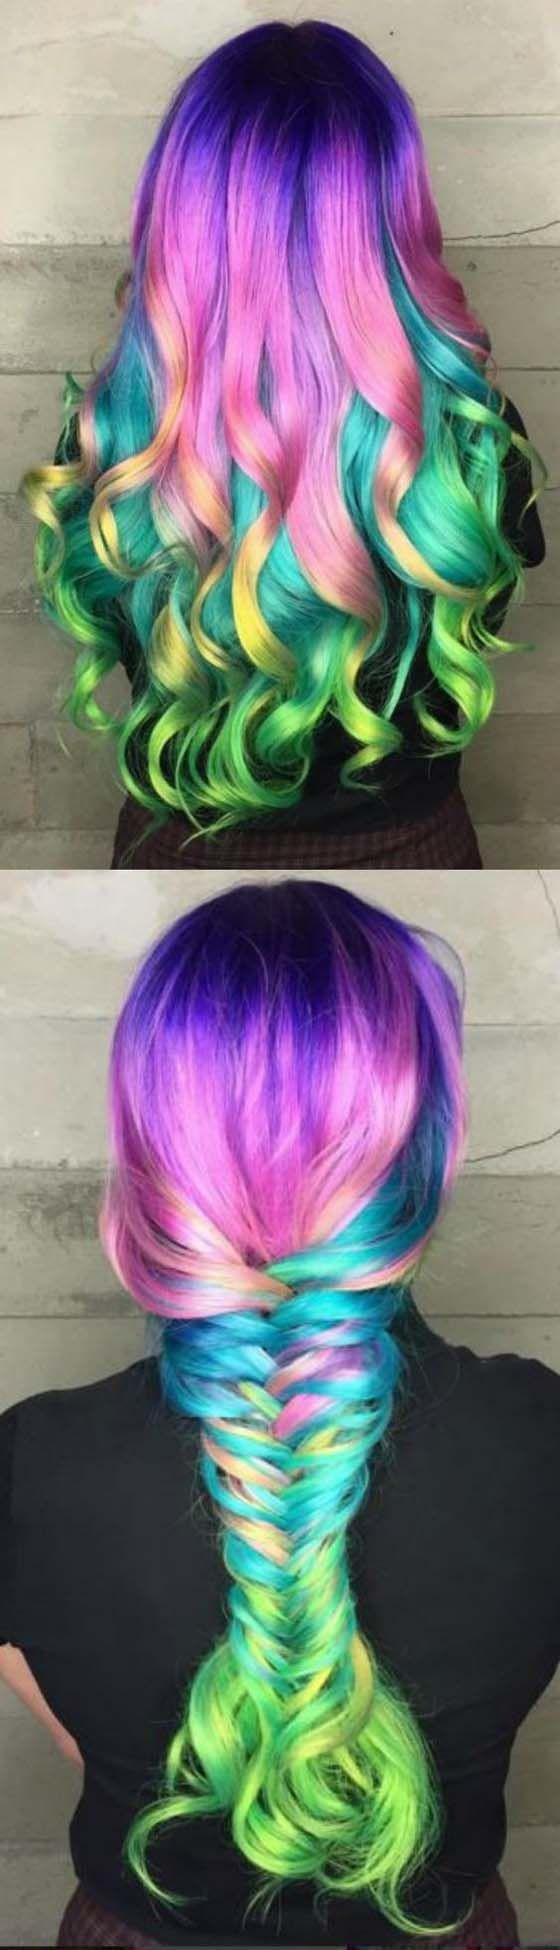 Multi Colored Haira